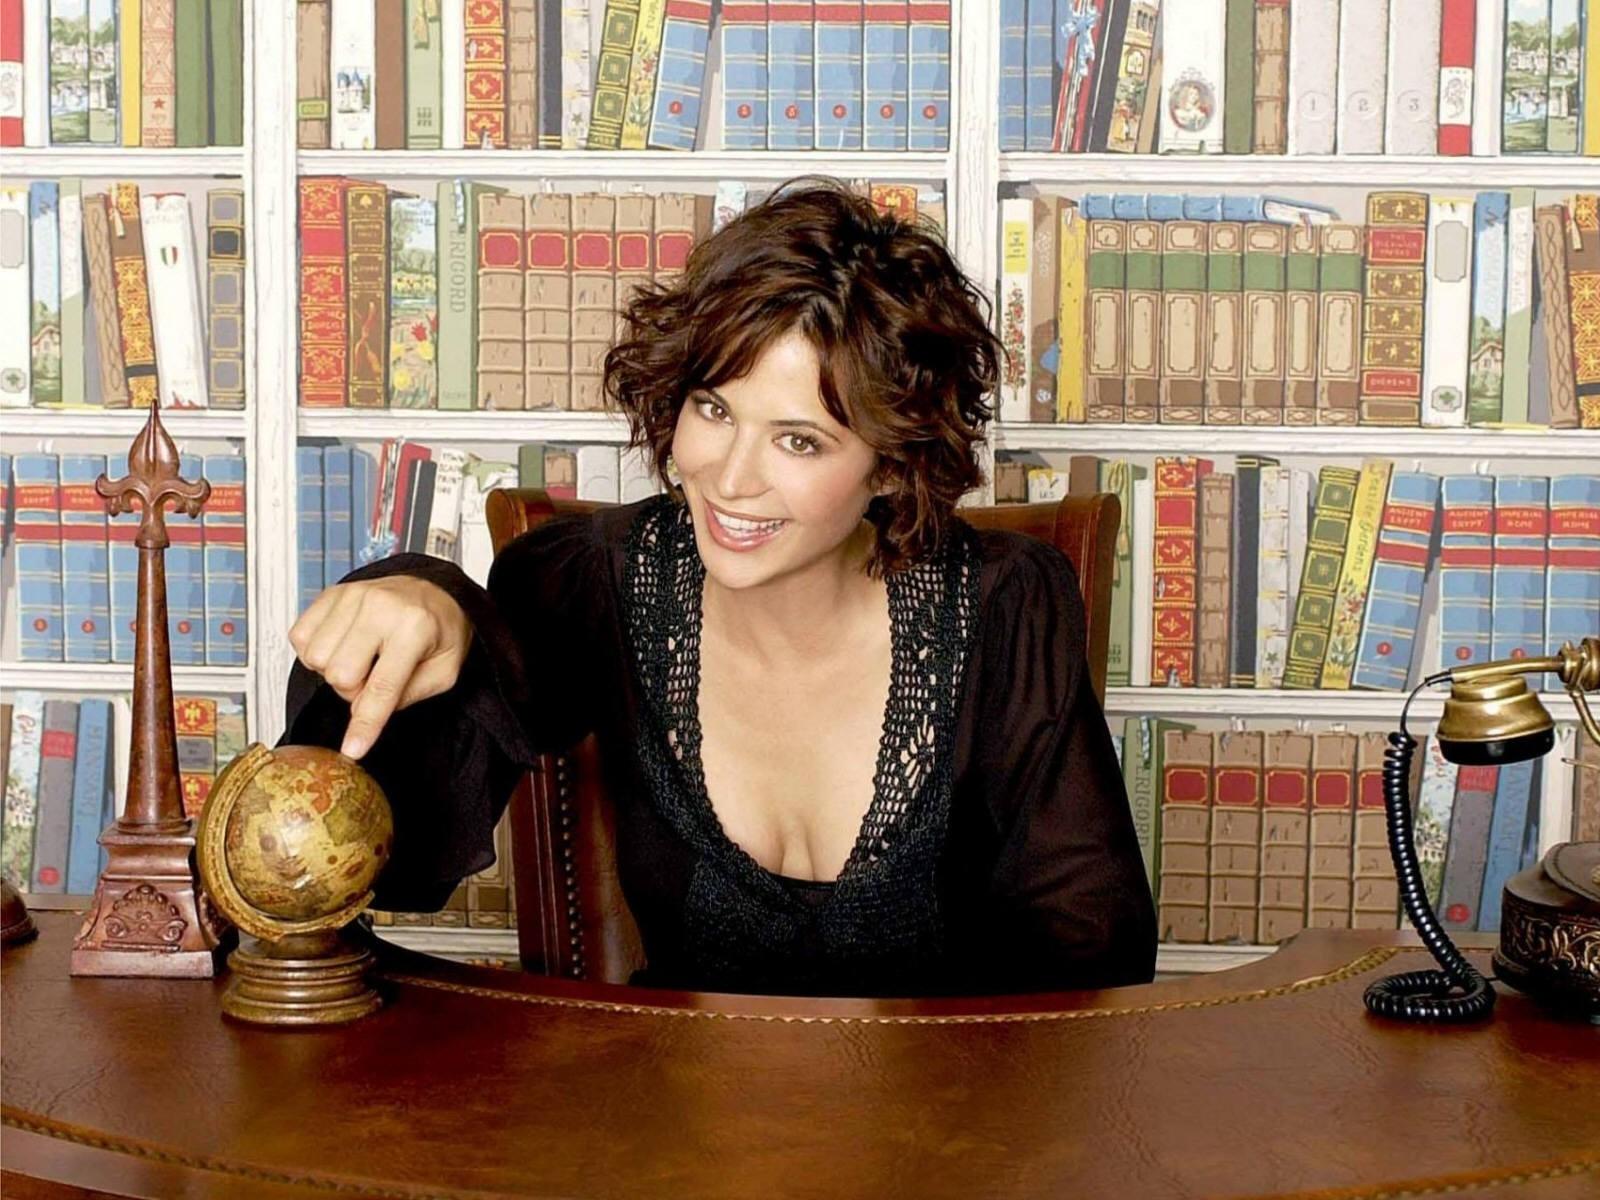 Wallpaper di Catherine Bell con un globo